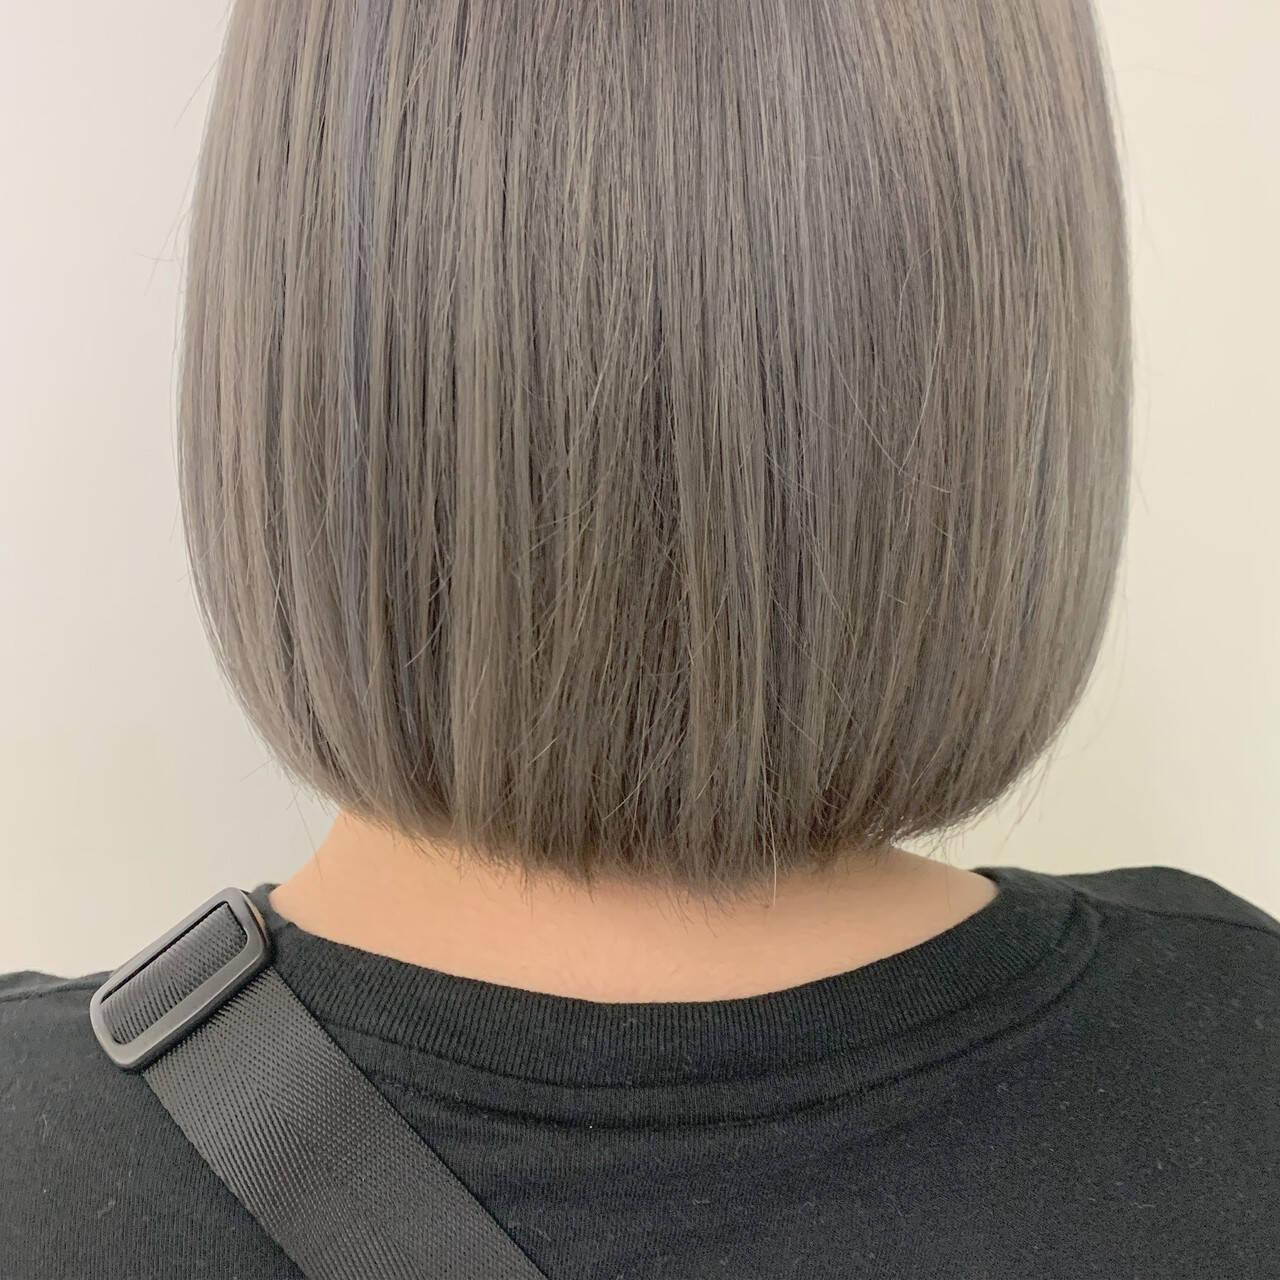 ボブ ミニボブ ミルクティーベージュ ブリーチヘアスタイルや髪型の写真・画像